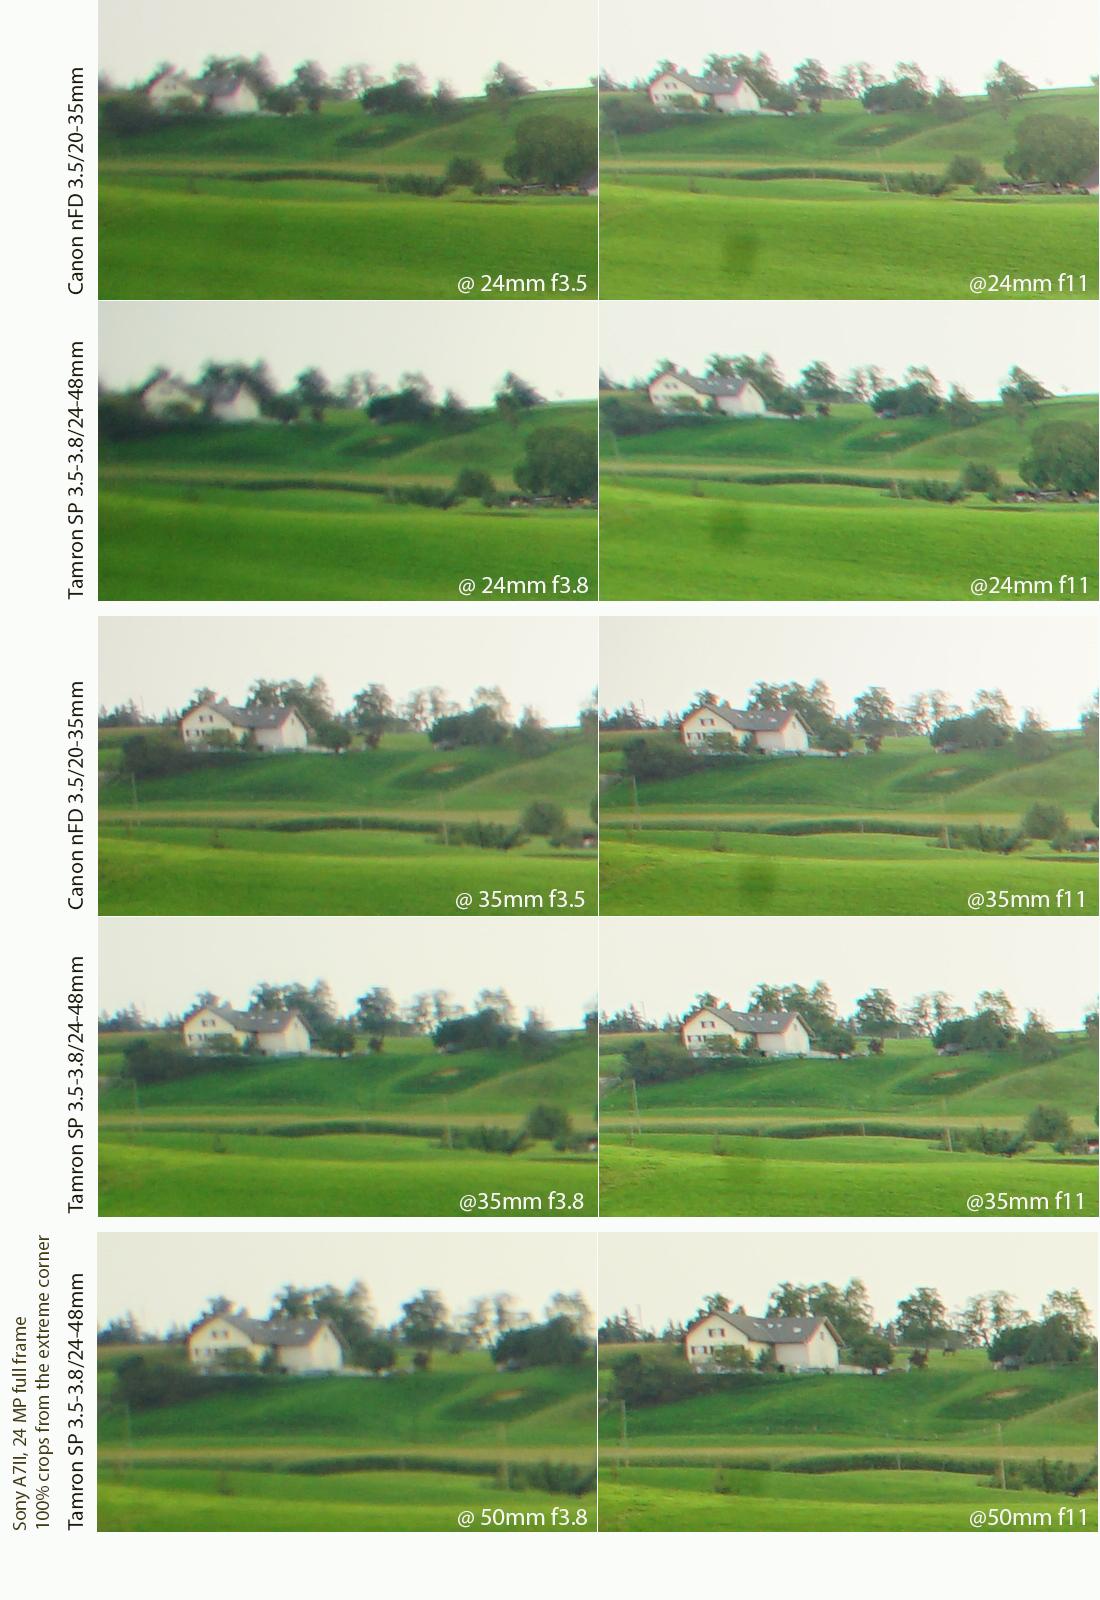 artaphot DSC09142 Tamron SP24-48 vs nFD20-35L